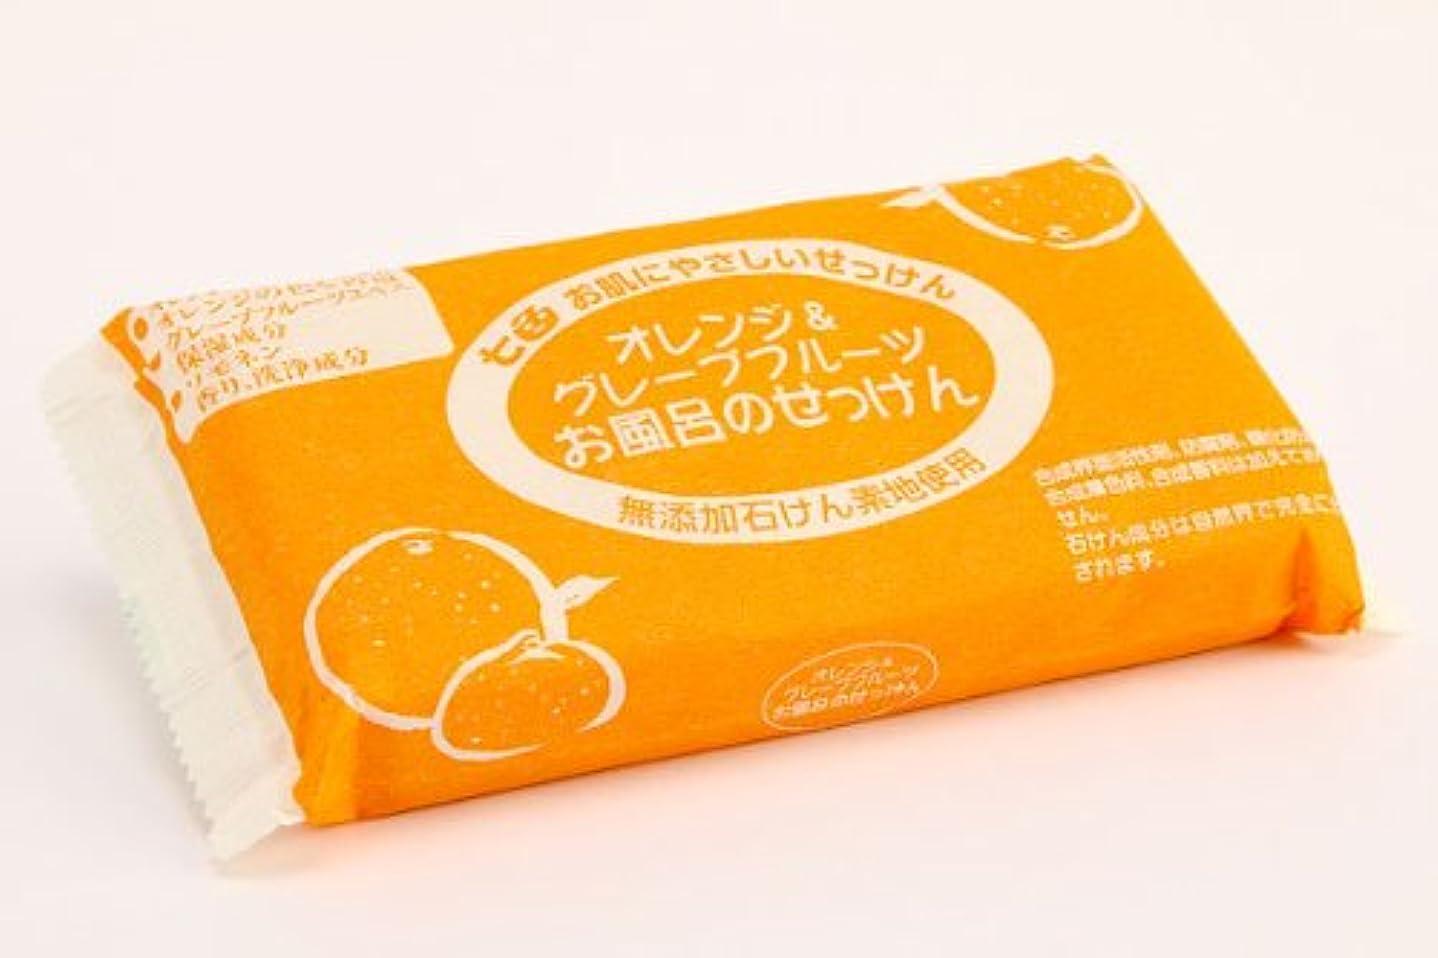 はず消毒する貼り直すまるは油脂化学 七色石けん オレンジ&グレープフルーツお風呂の石けん3P 100g×3個パック